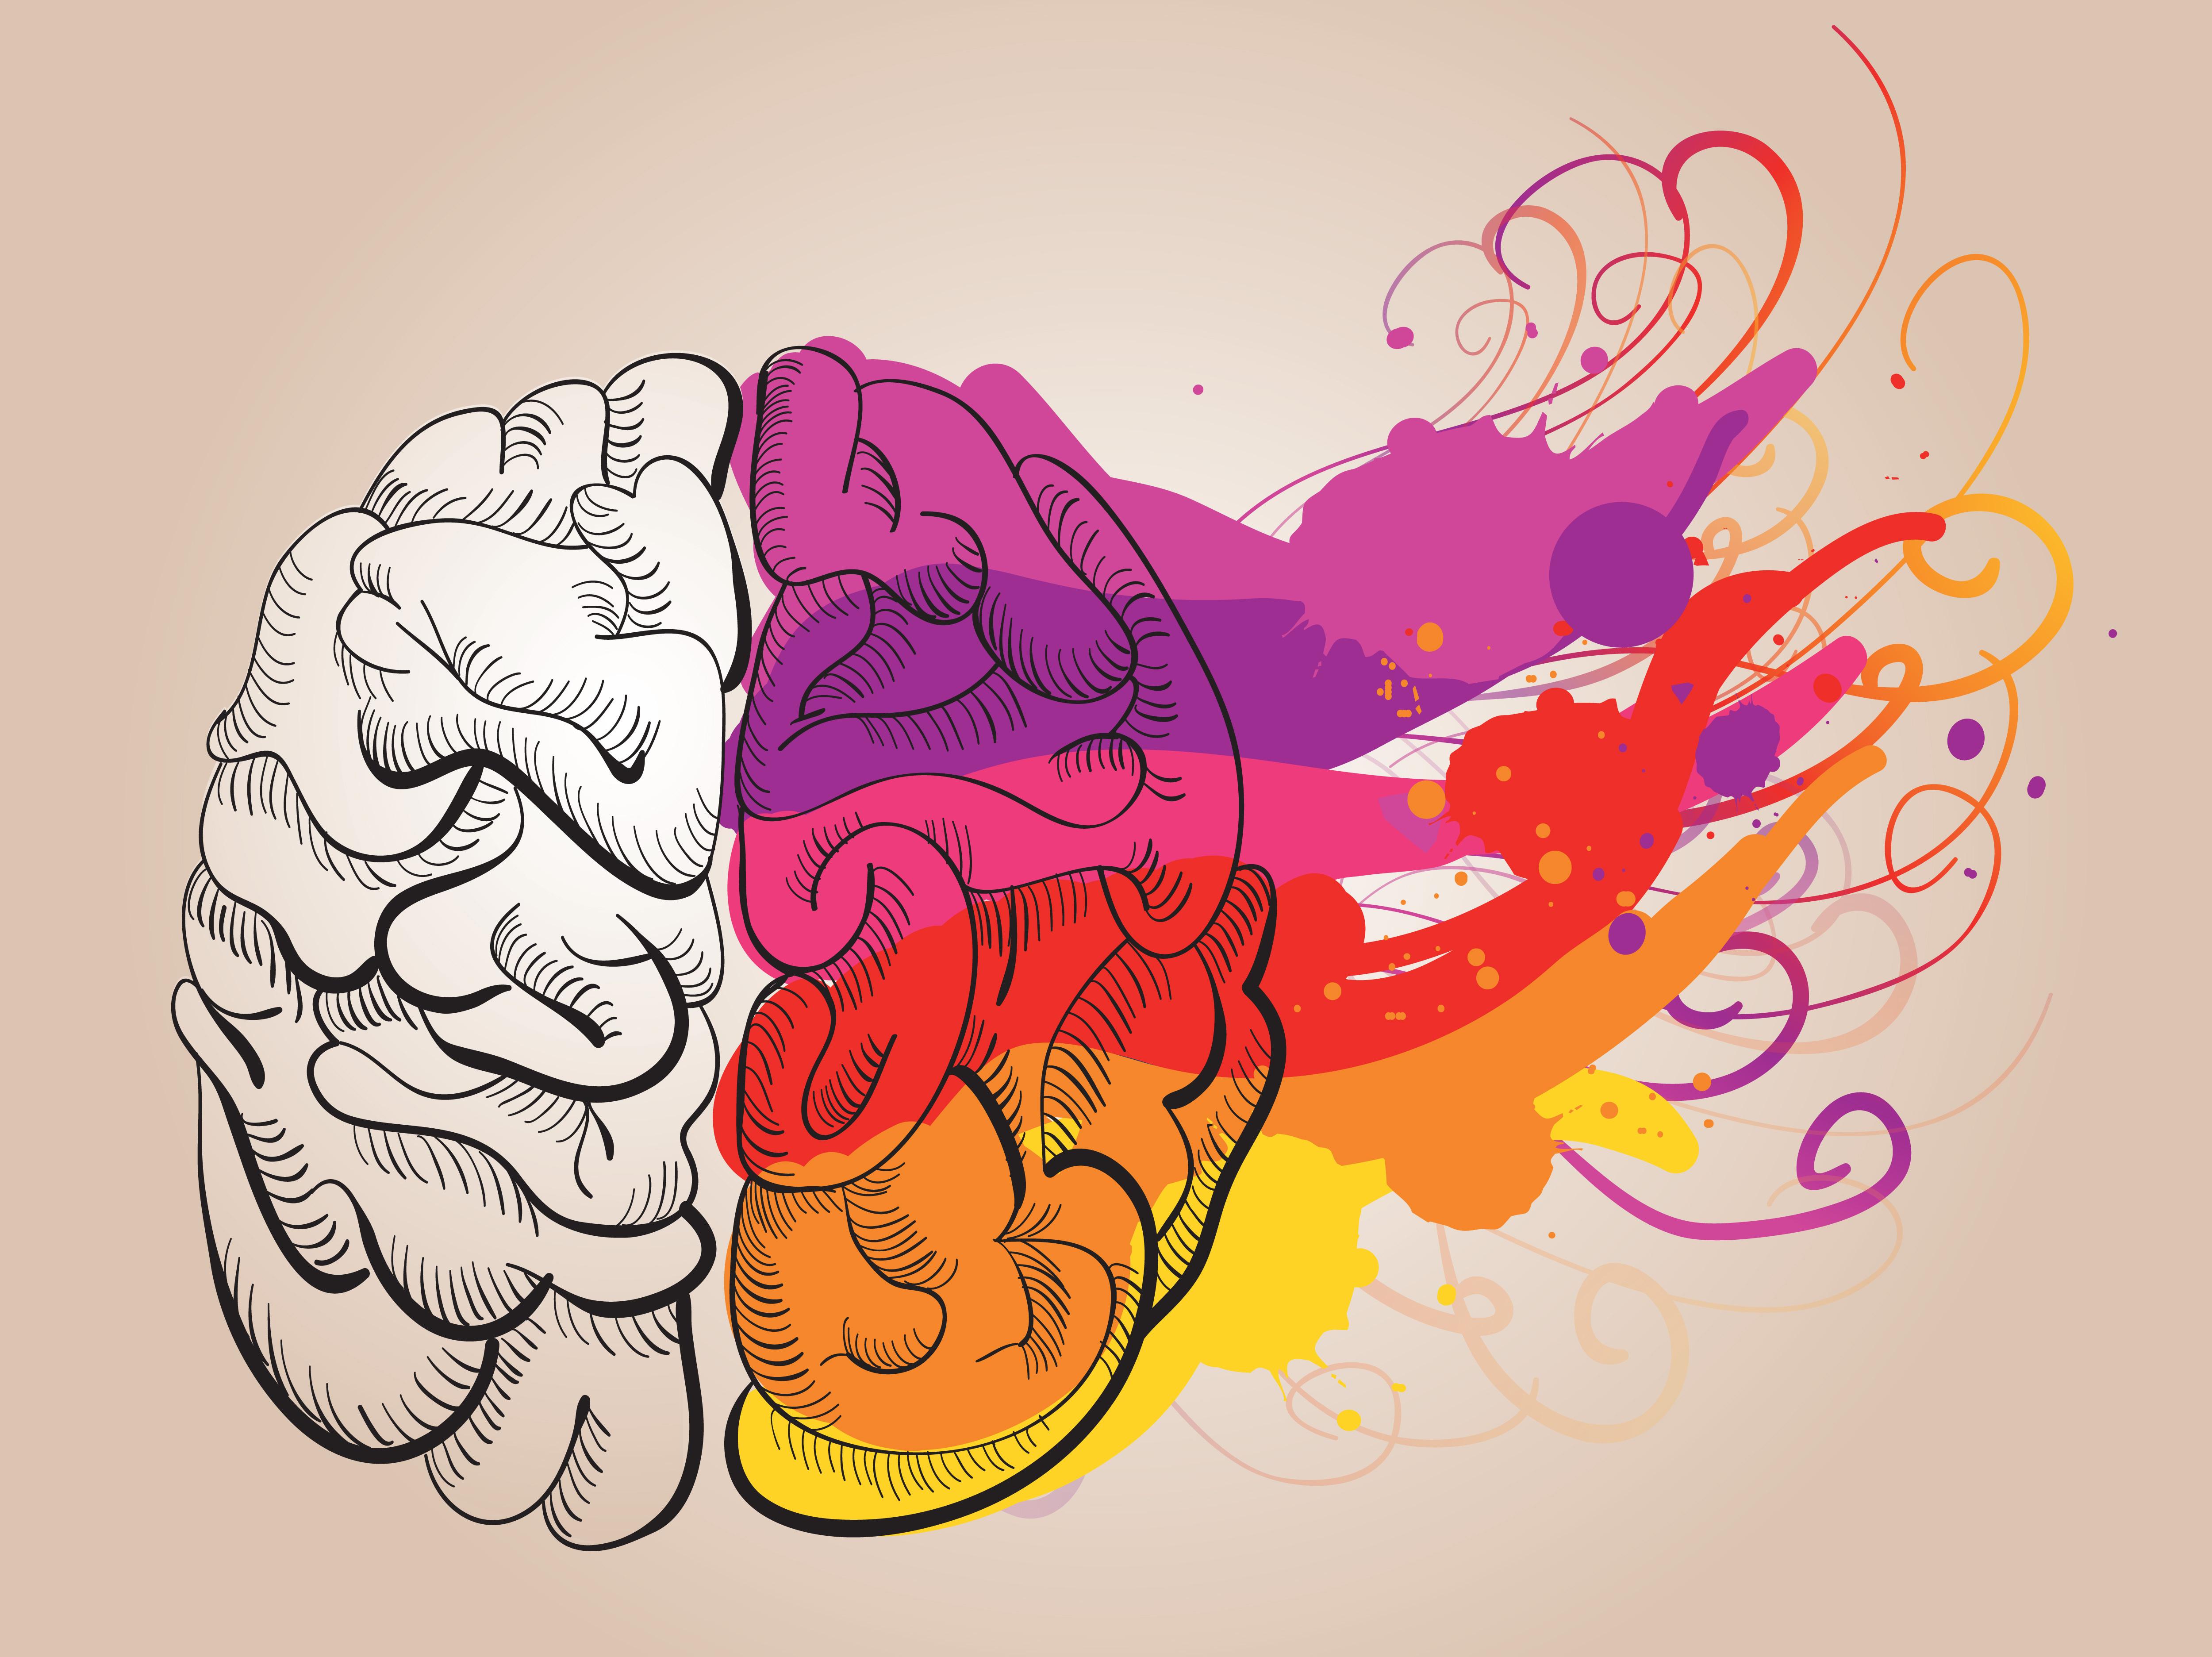 Tre cose importanti che la scienza ci ha insegnato sulla creatività